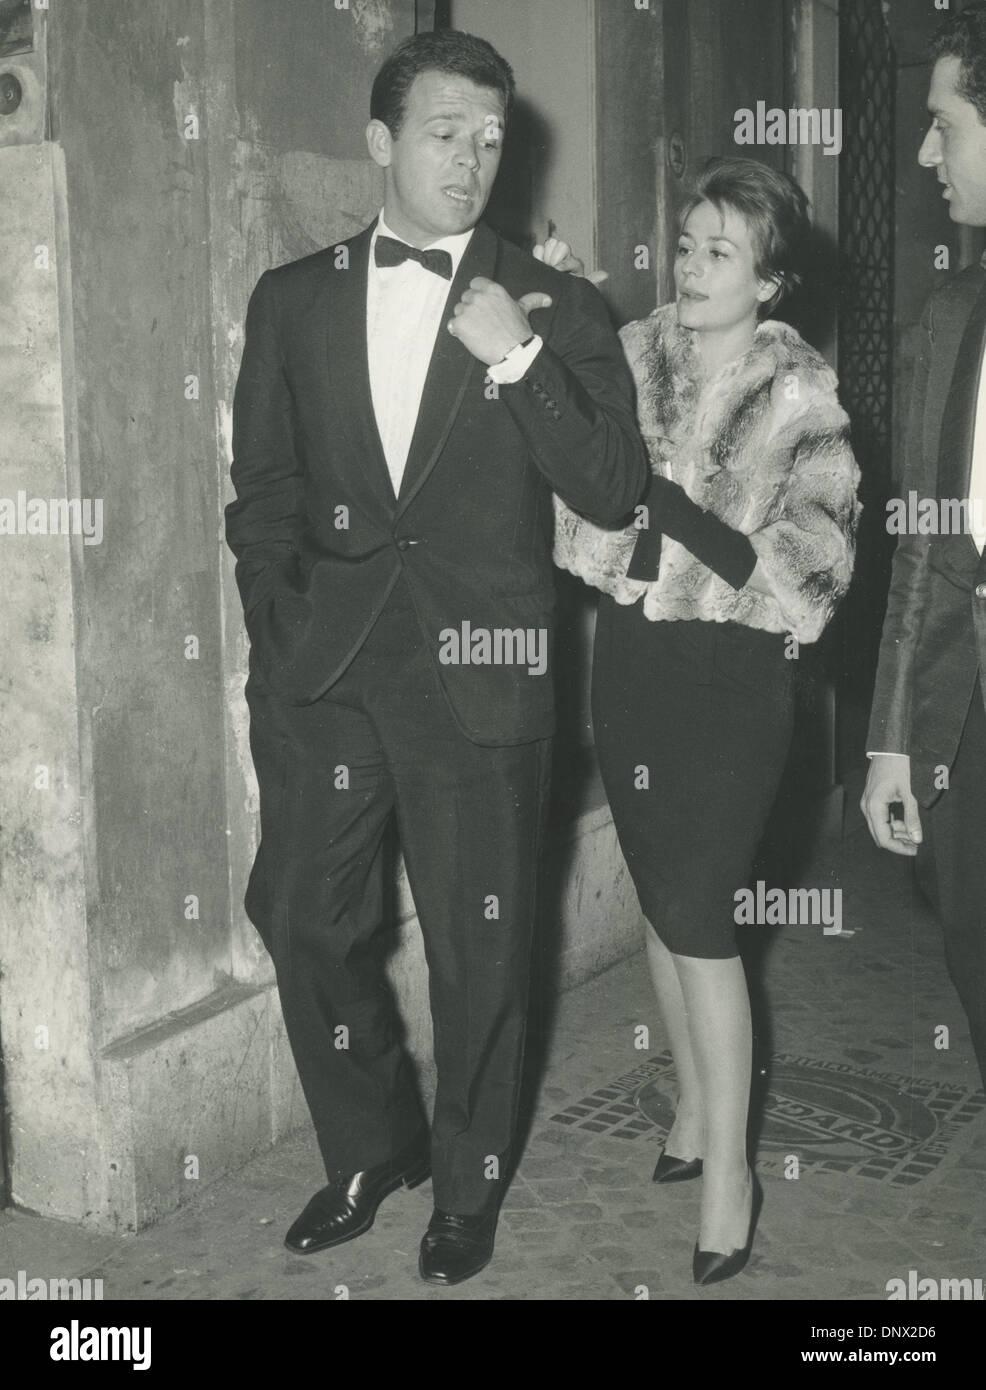 Oct 06, 1962 - Roma, Italia - RENATO SALVATORI y su esposa Annie Girardot asistir al estreno de la película 'Sodoma y Gomorra'. (Crédito de la Imagen: © KEYSTONE Pictures/ZUMAPRESS.com) Foto de stock